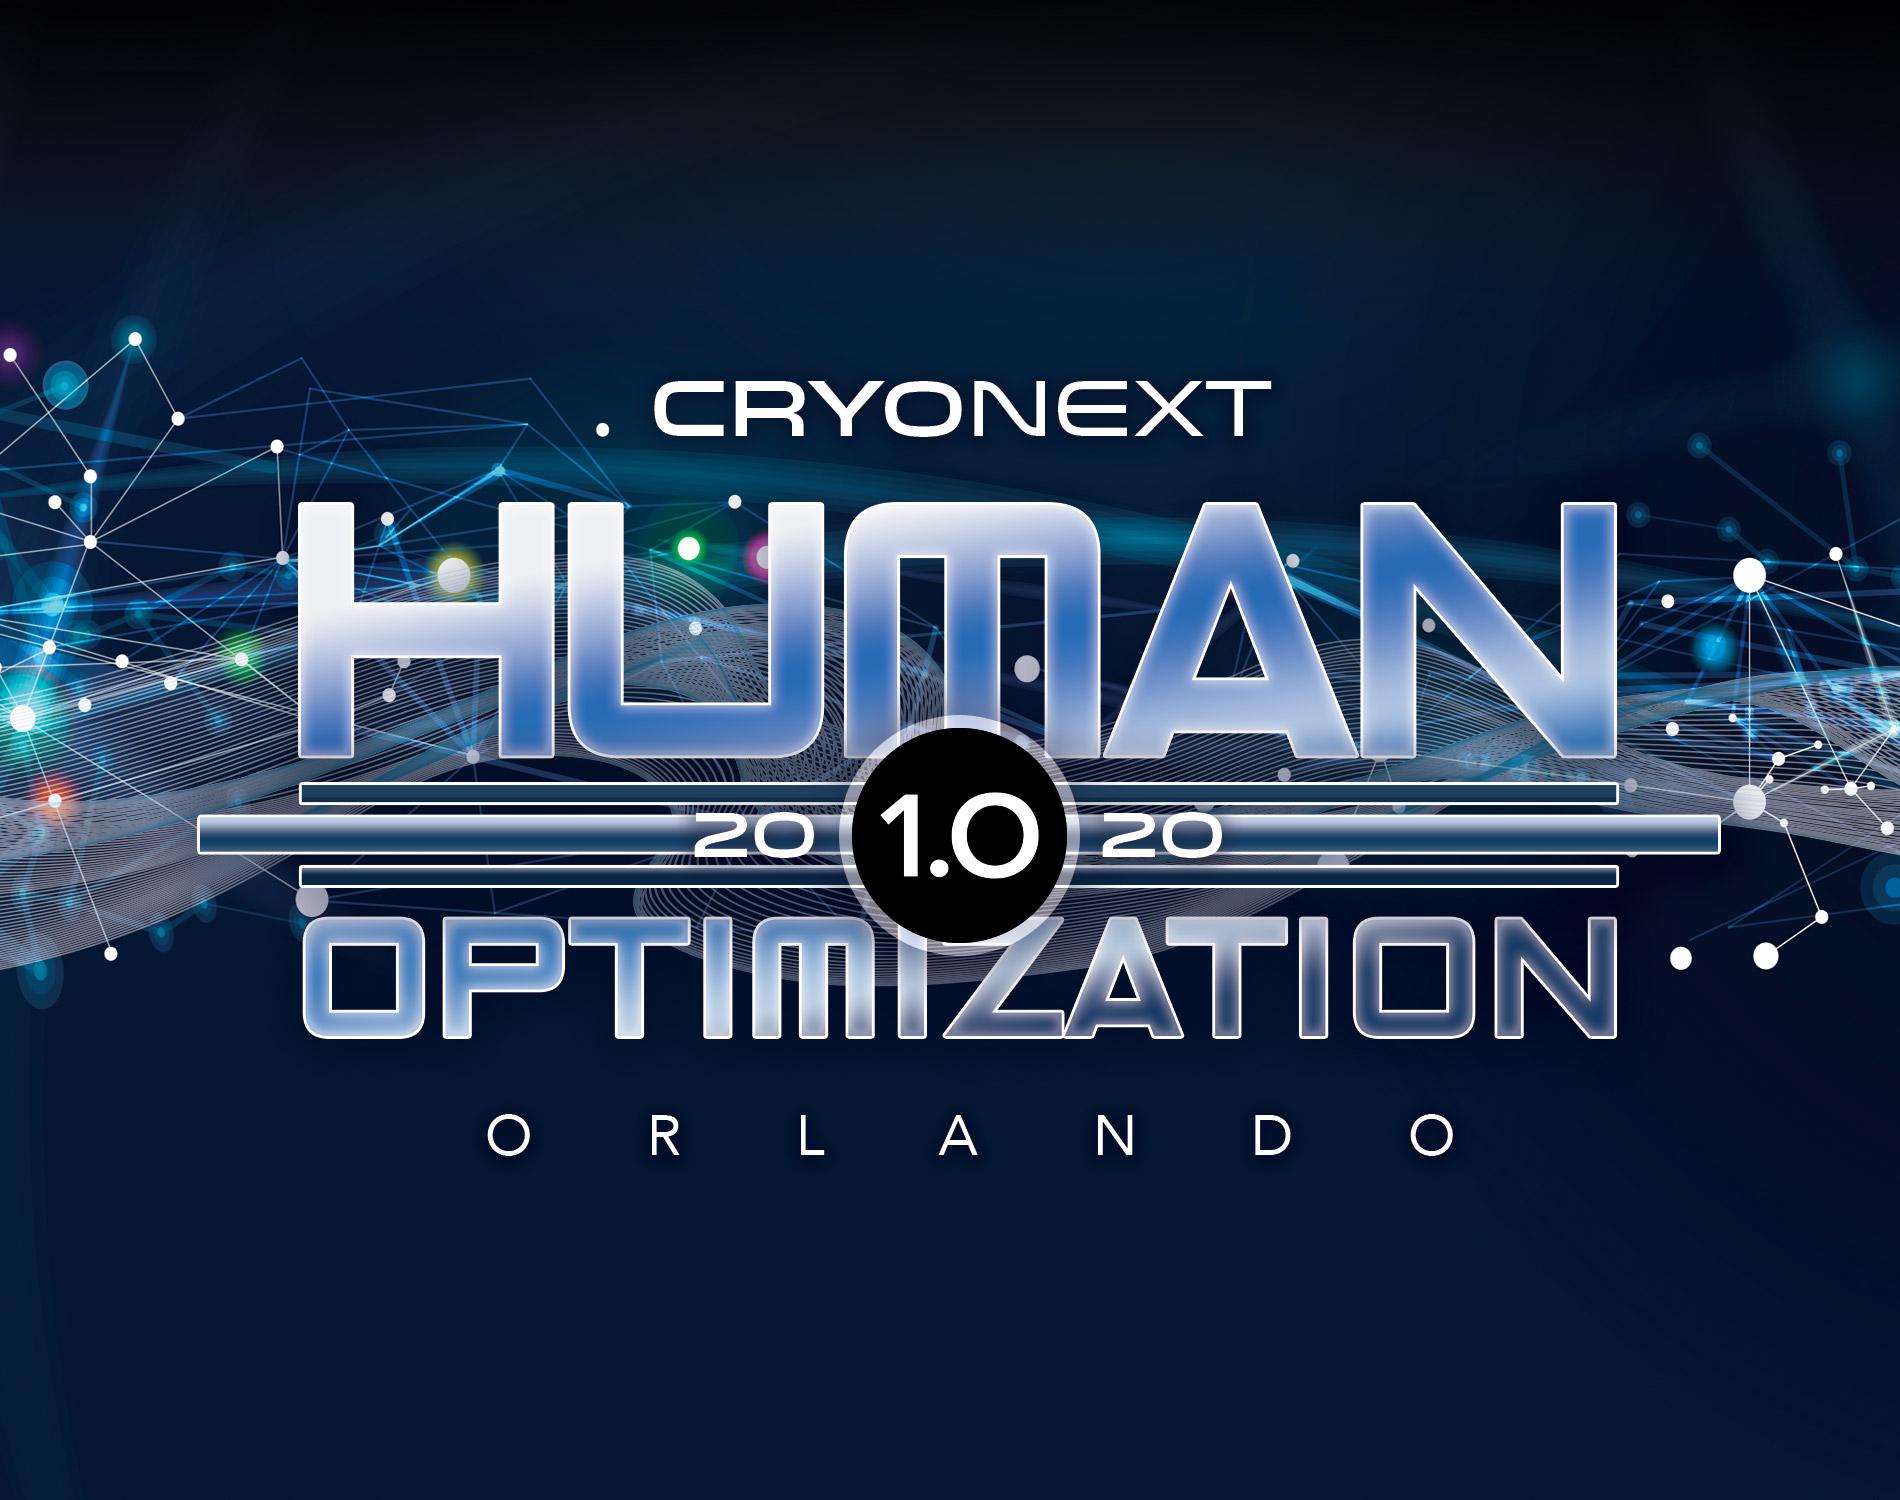 CryoNext d'Orlando s'associe à Alabama Crimson Tide pour préparer le jeu VRBO Citrus Bowl du siècle